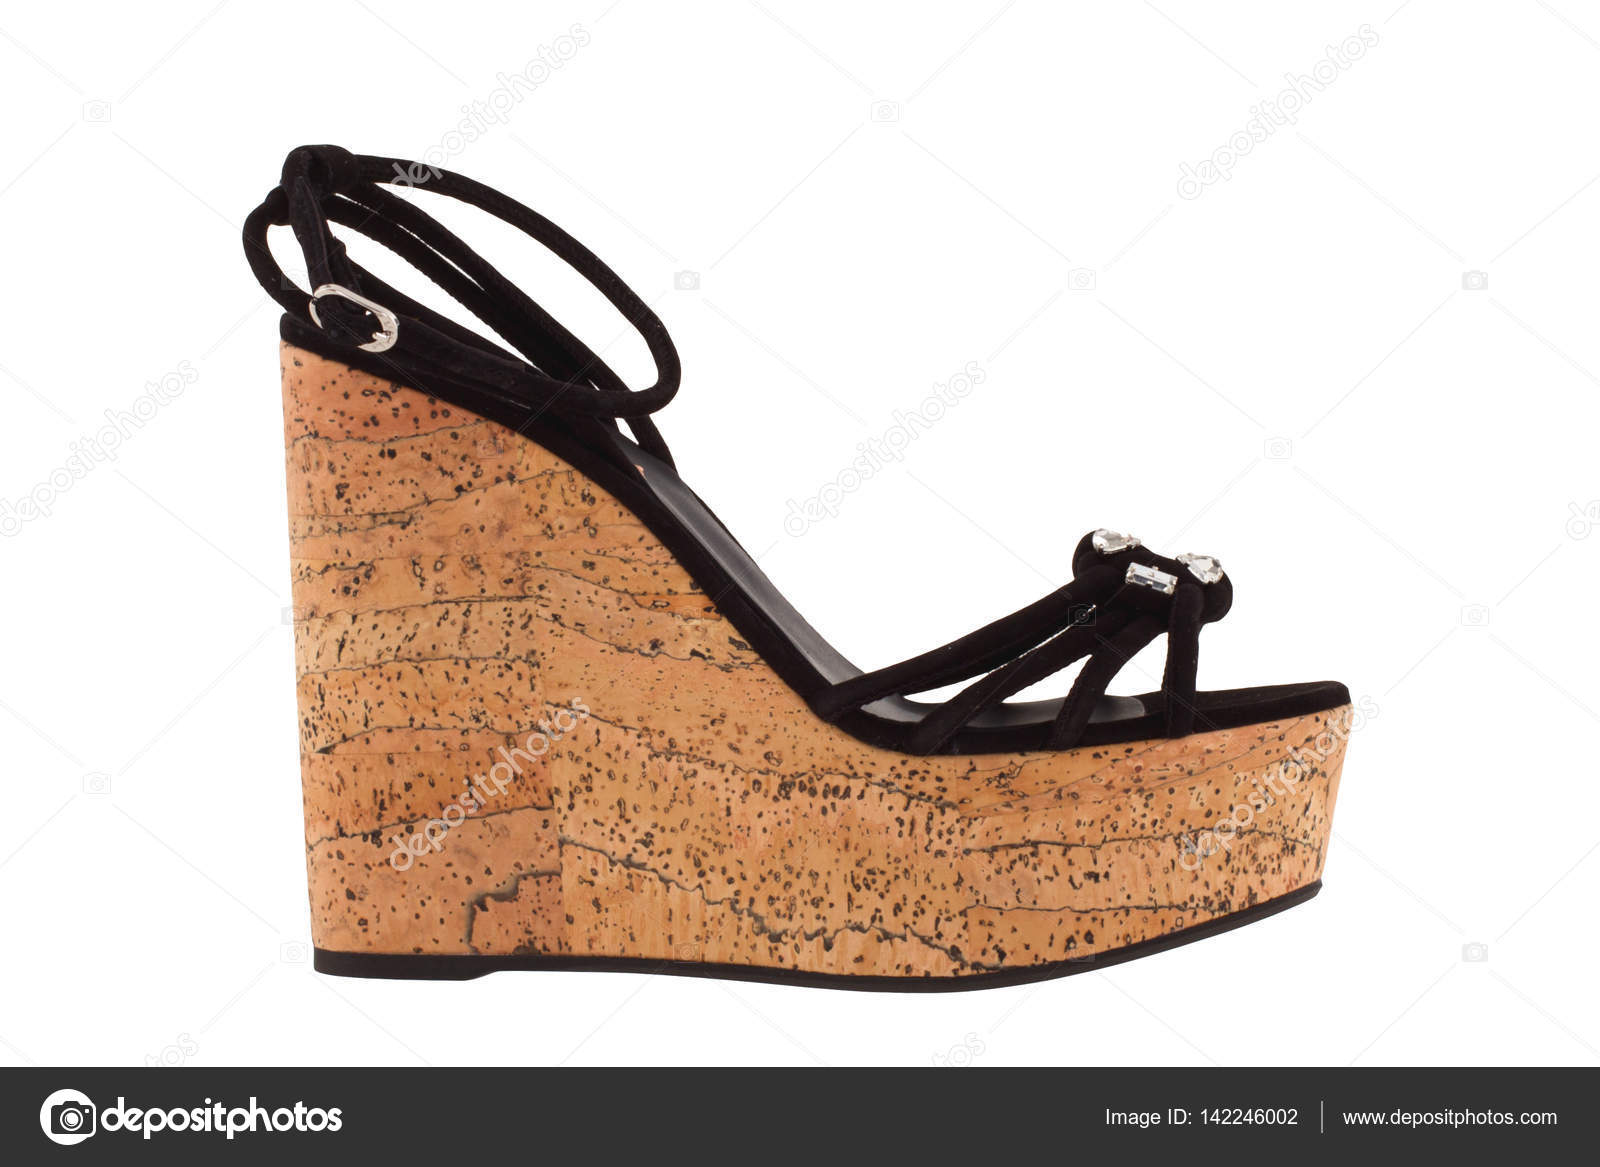 Cipő lábbeli Olasz alapon fehér Női prémium cipők cipő márkás pvp6UAq